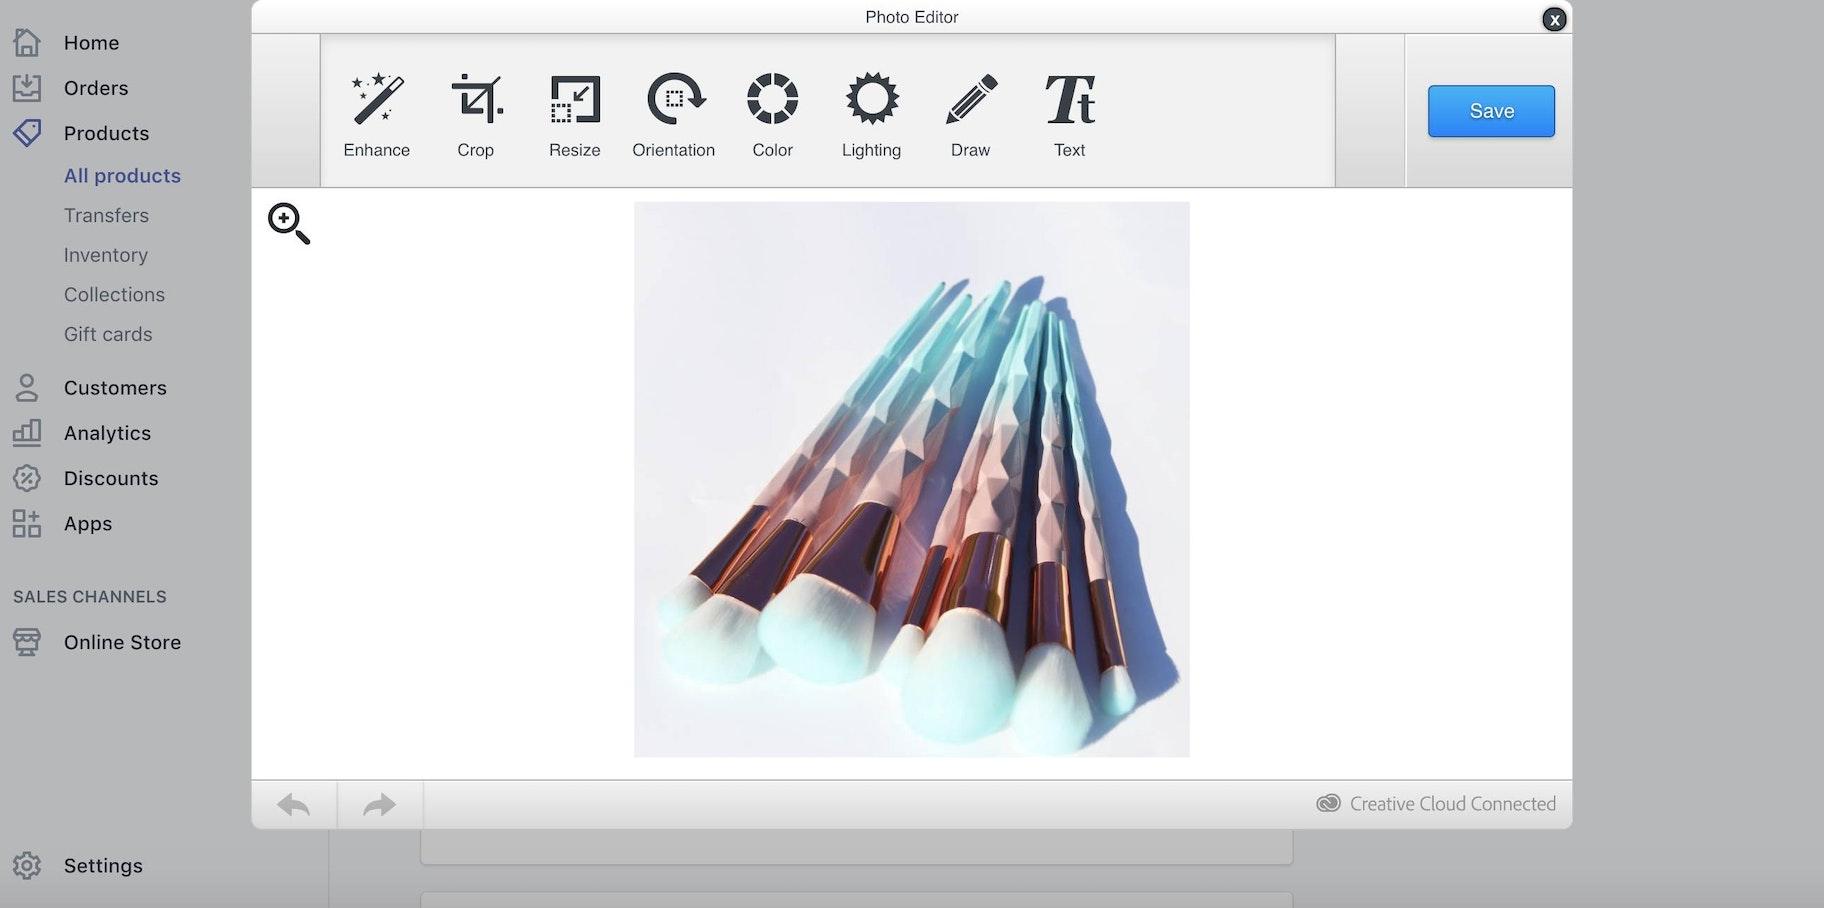 Shopify Tools - Image Resizer